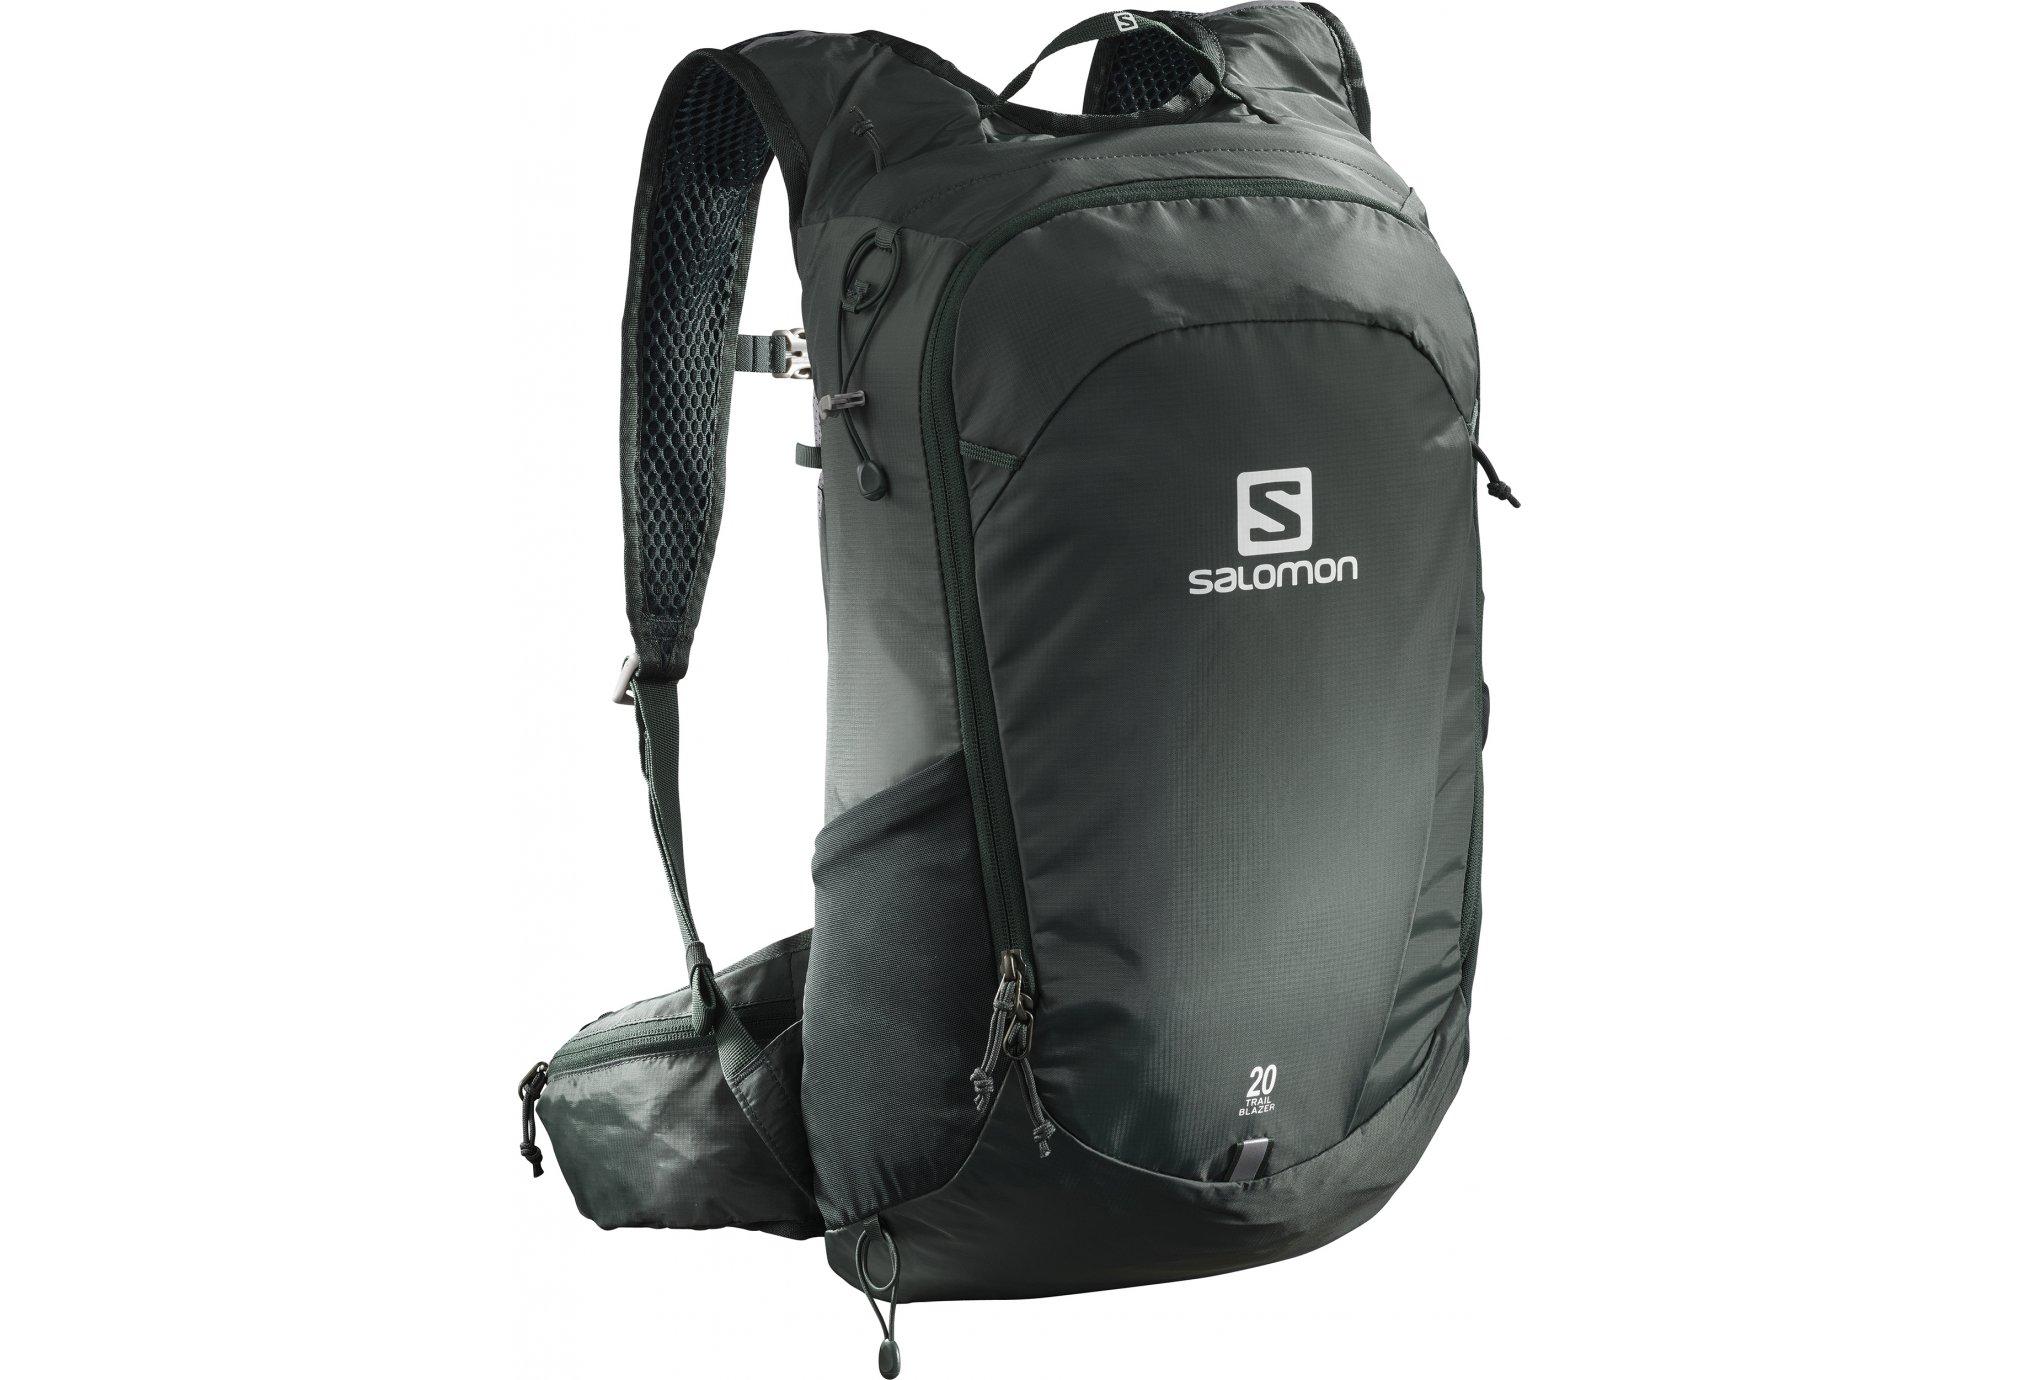 Salomon Trailblazer 20 Sac à dos